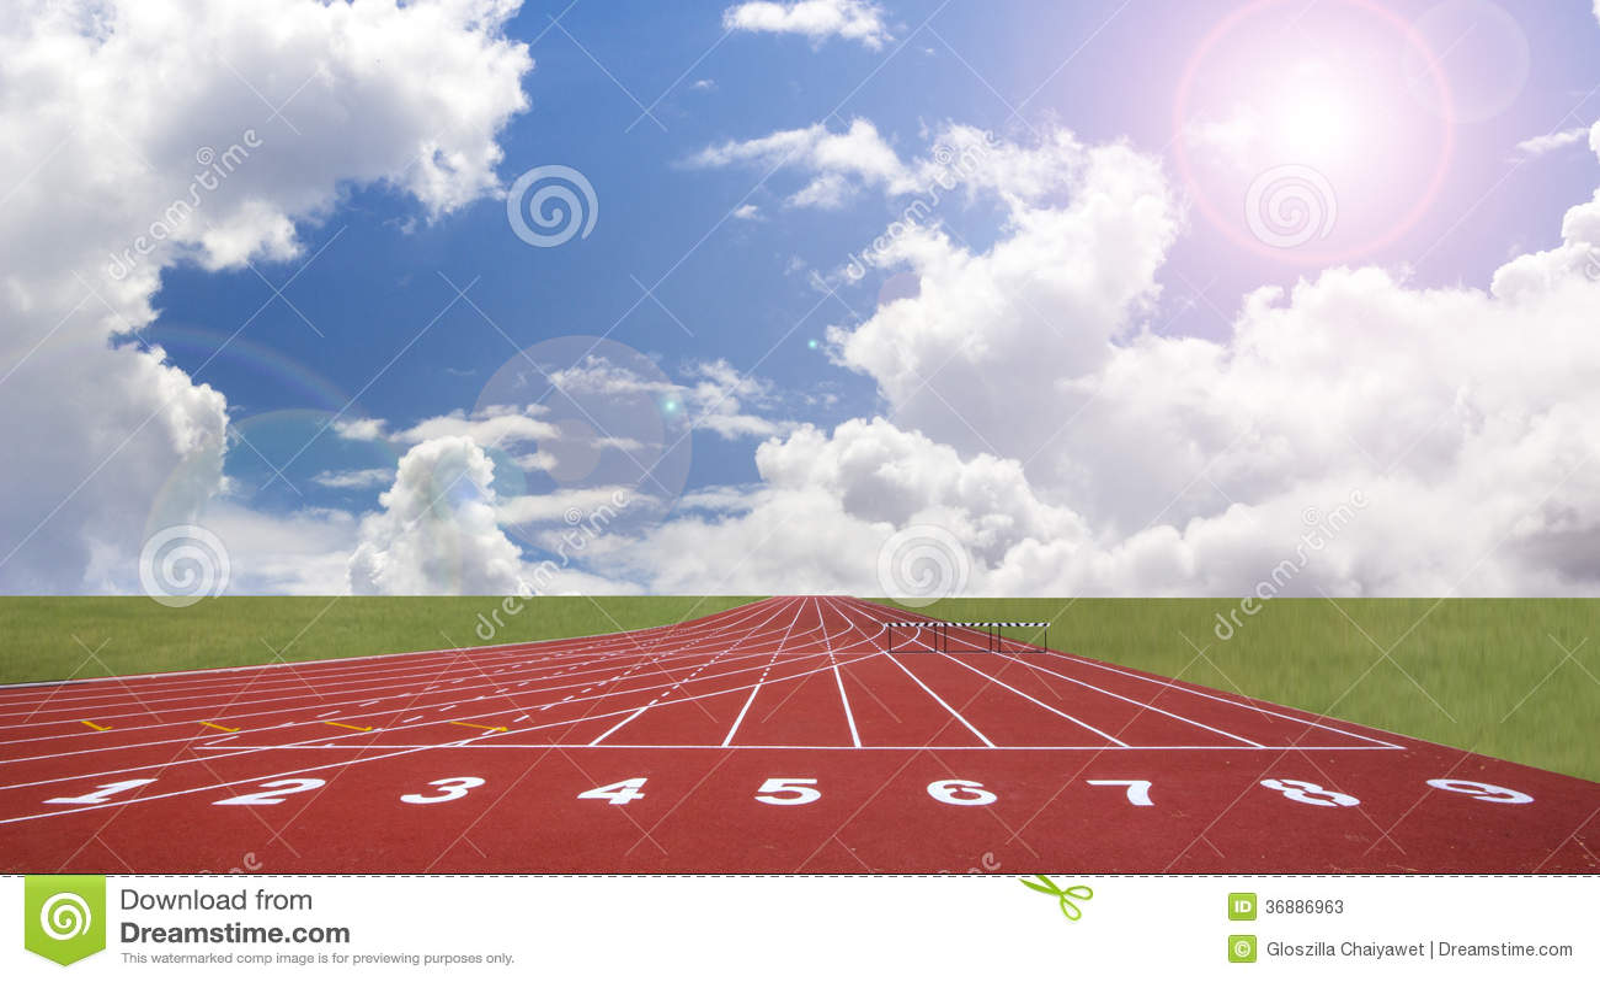 Download Inizi La Pista. Allini Su Una Pista Corrente Rossa Immagine Stock - Immagine di concorrenza, sano: 36886963